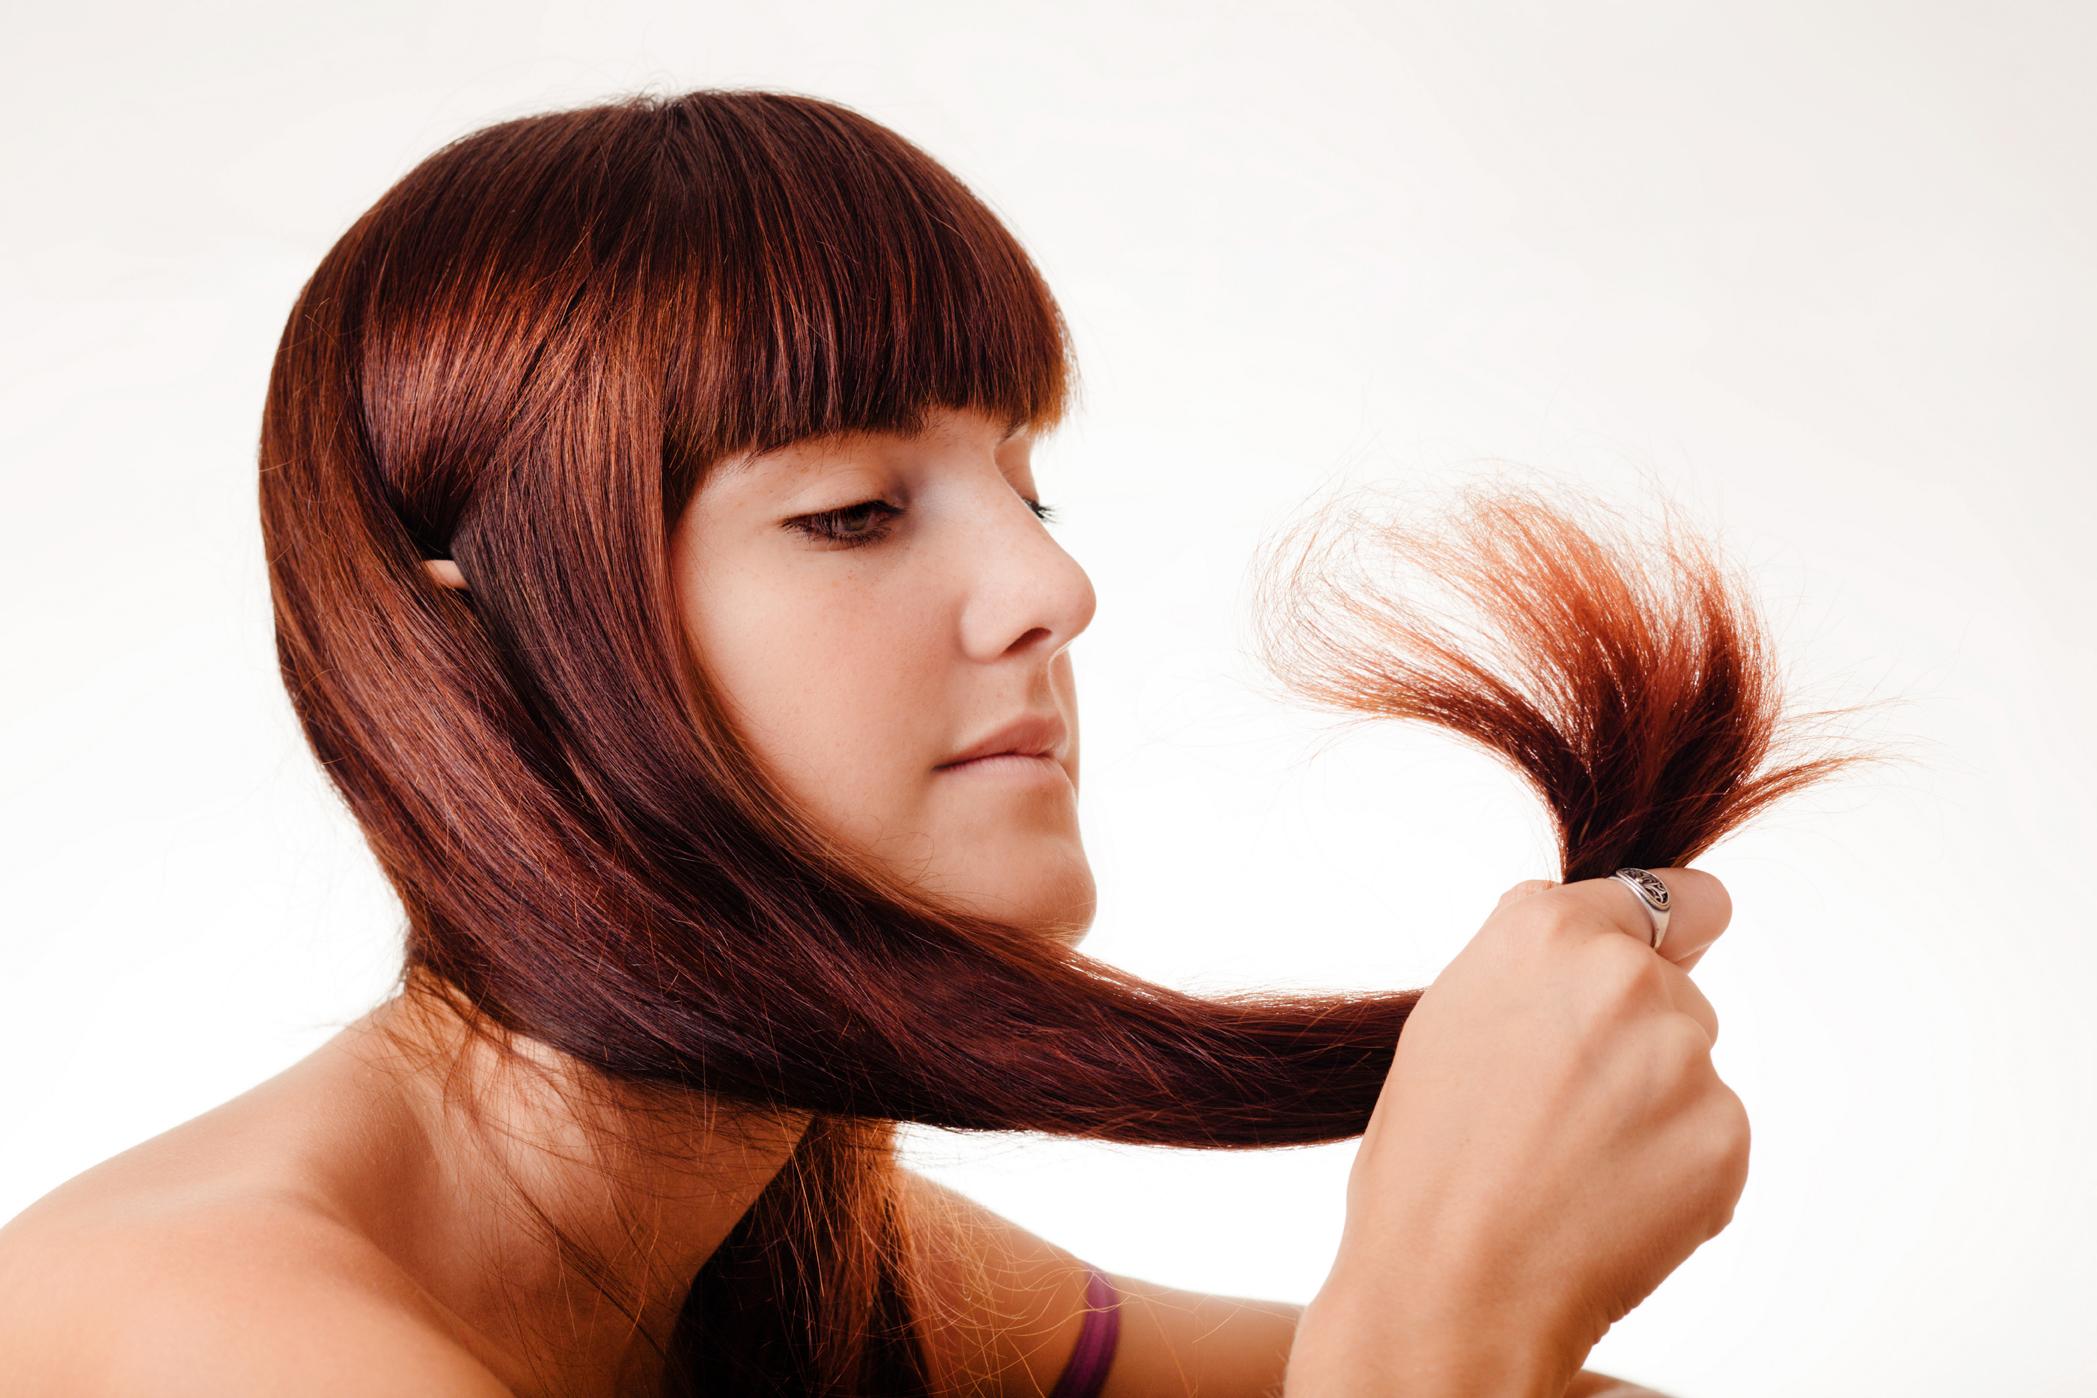 Hair dusting: la técnica para sanear el pelo sin cortarlo